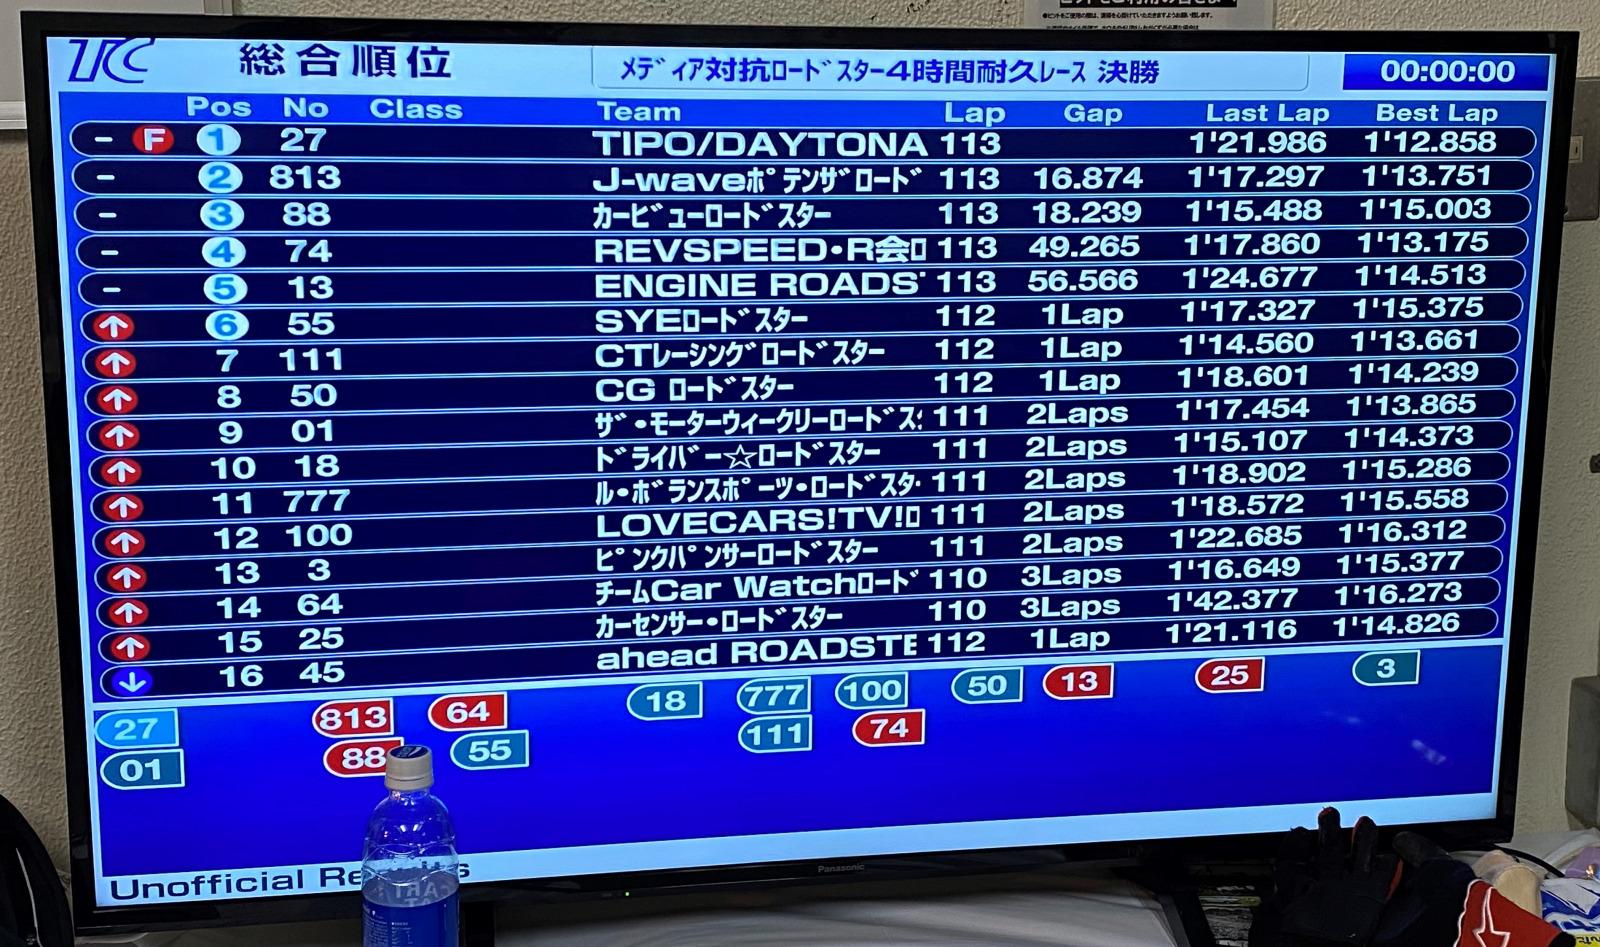 「恒例・清水和夫組のメディア対抗ロードスター耐久レースは予選12位→結果6位入賞。でも「来年は倍返しだ!」【頑固一徹和・番外編】」の8枚目の画像